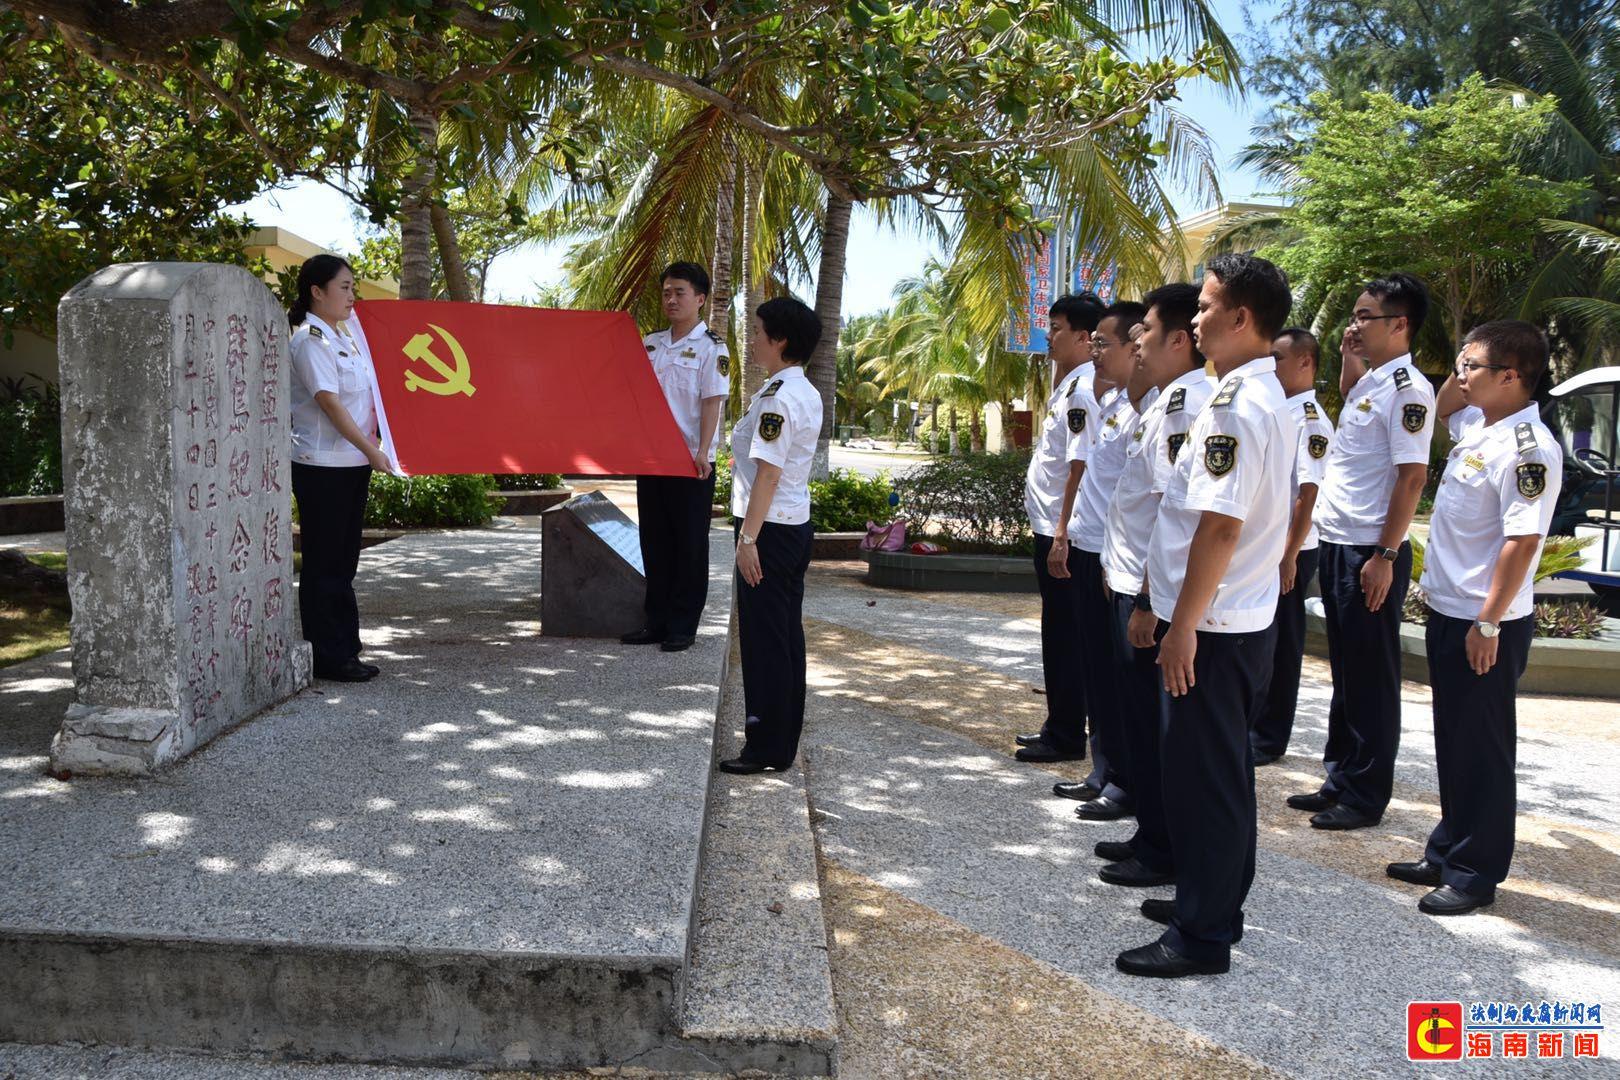 岛礁党旗飘 党员精神足 三沙海事局